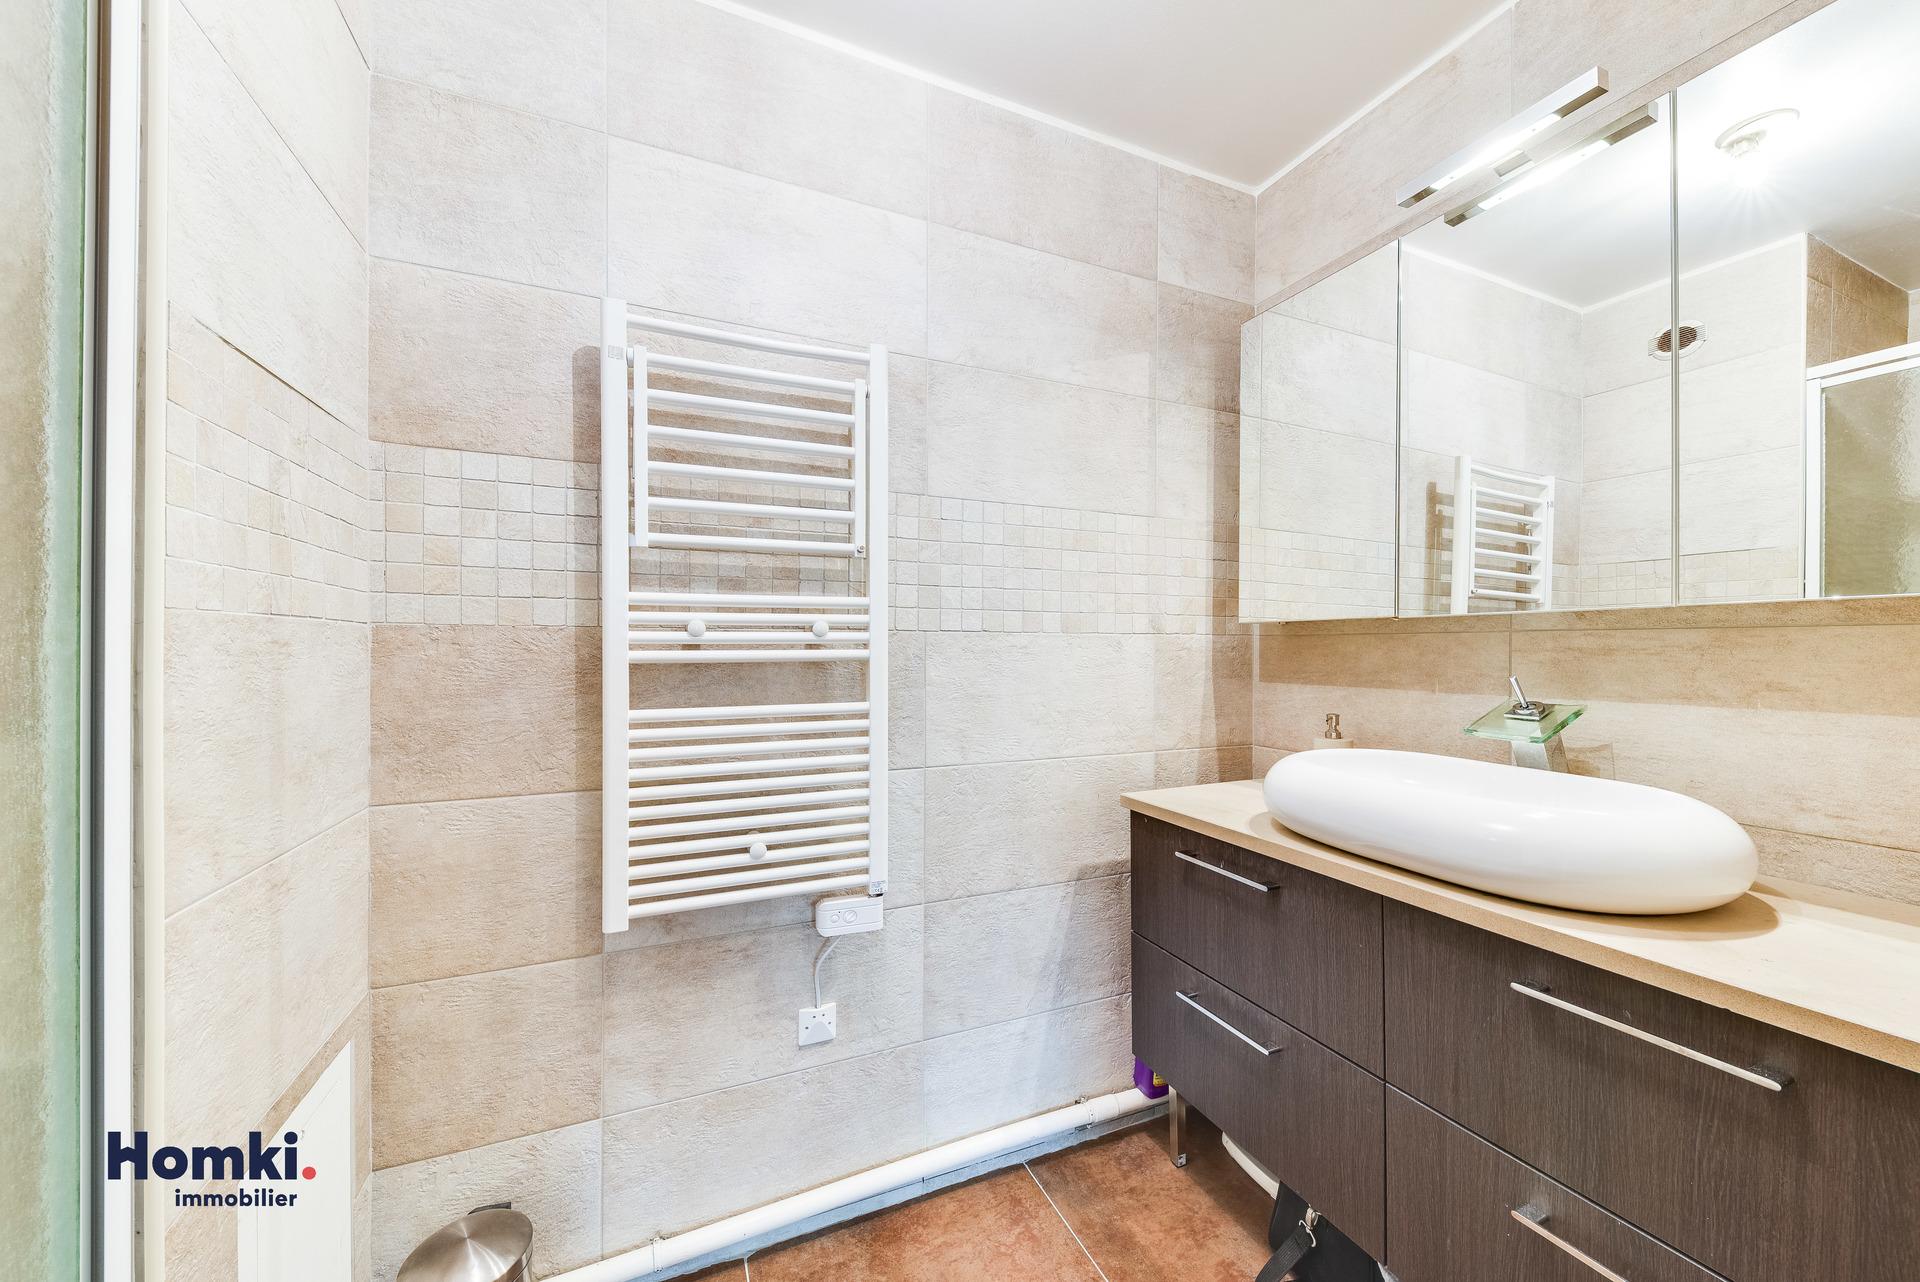 Vente Appartement 105 m² T4 13002_8